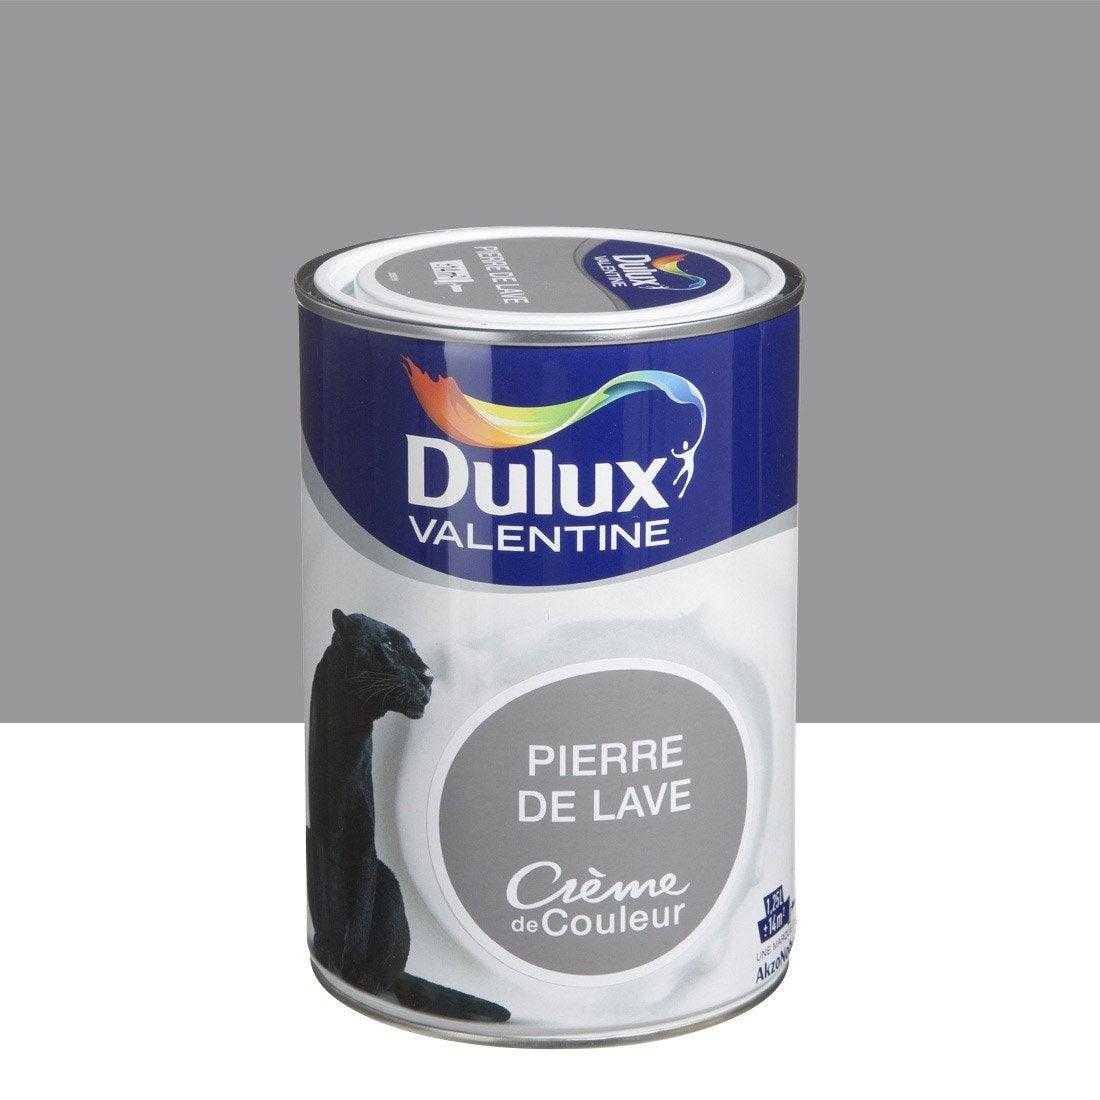 Peinture brun pierre de lave dulux valentine cr me de couleur l leroy merlin - Pierre de lave barbecue leroy merlin ...